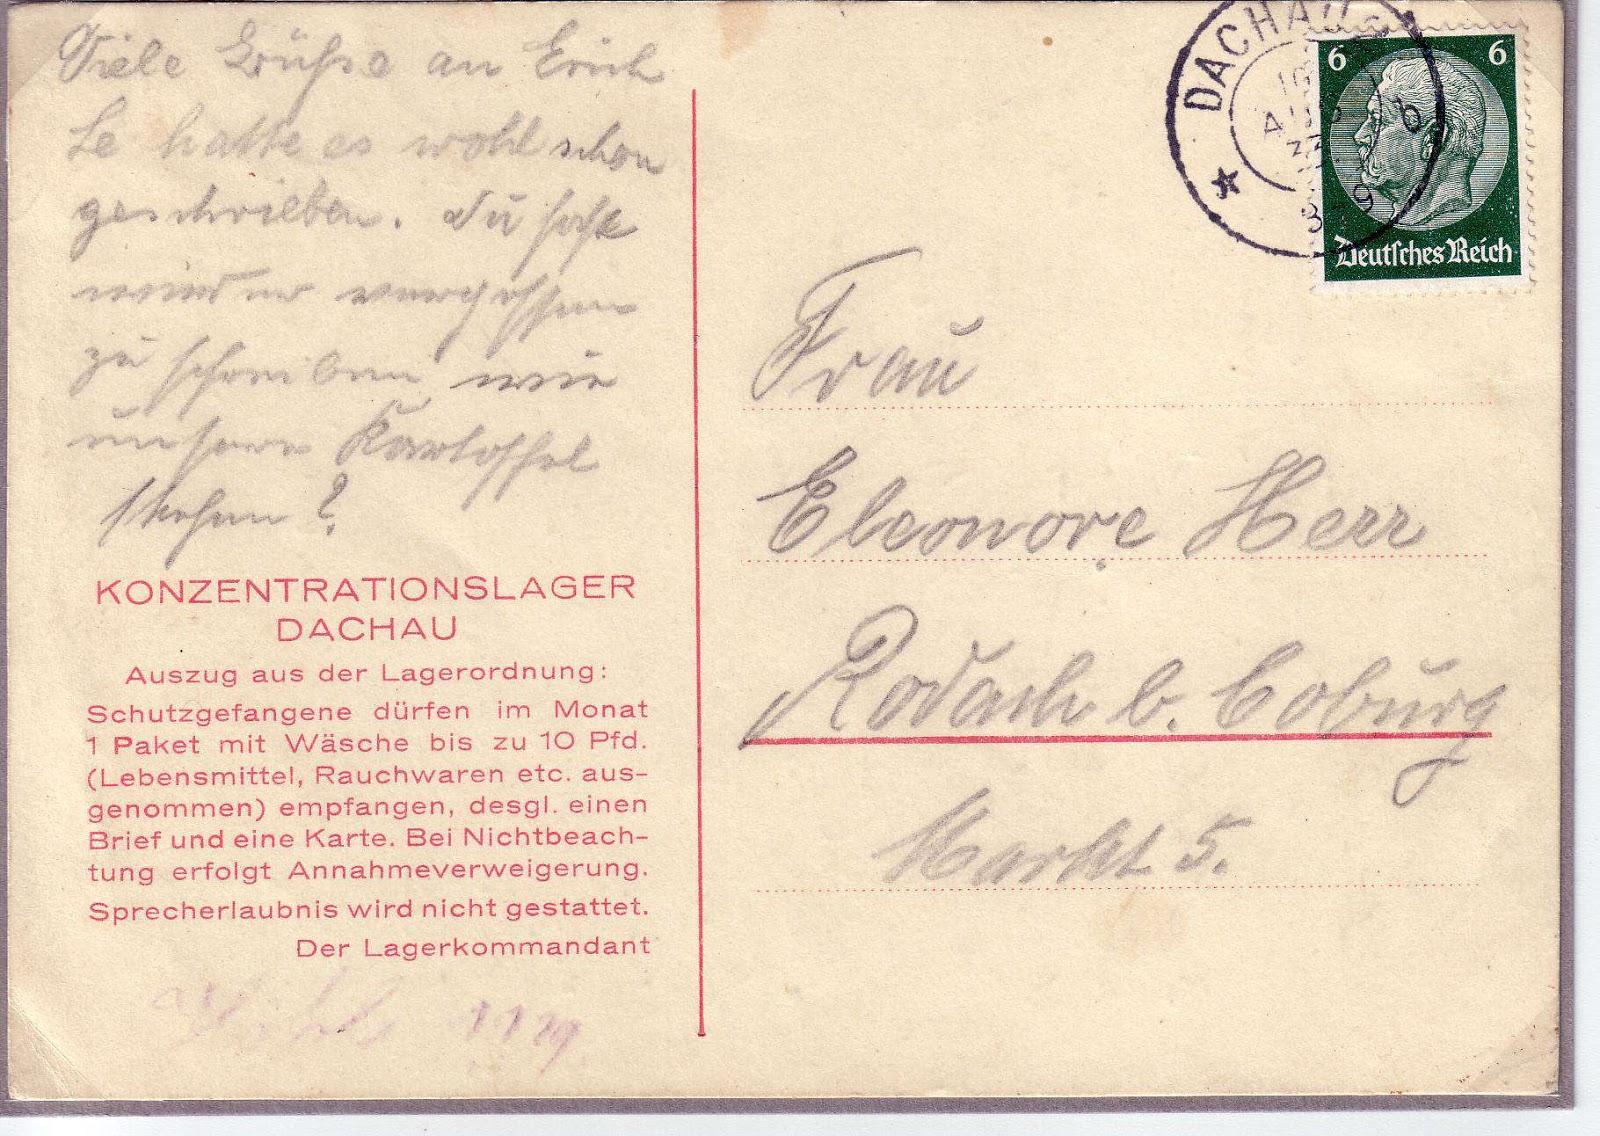 Berühmt Alte Postkarte Vorlage Ideen - Beispielzusammenfassung Ideen ...